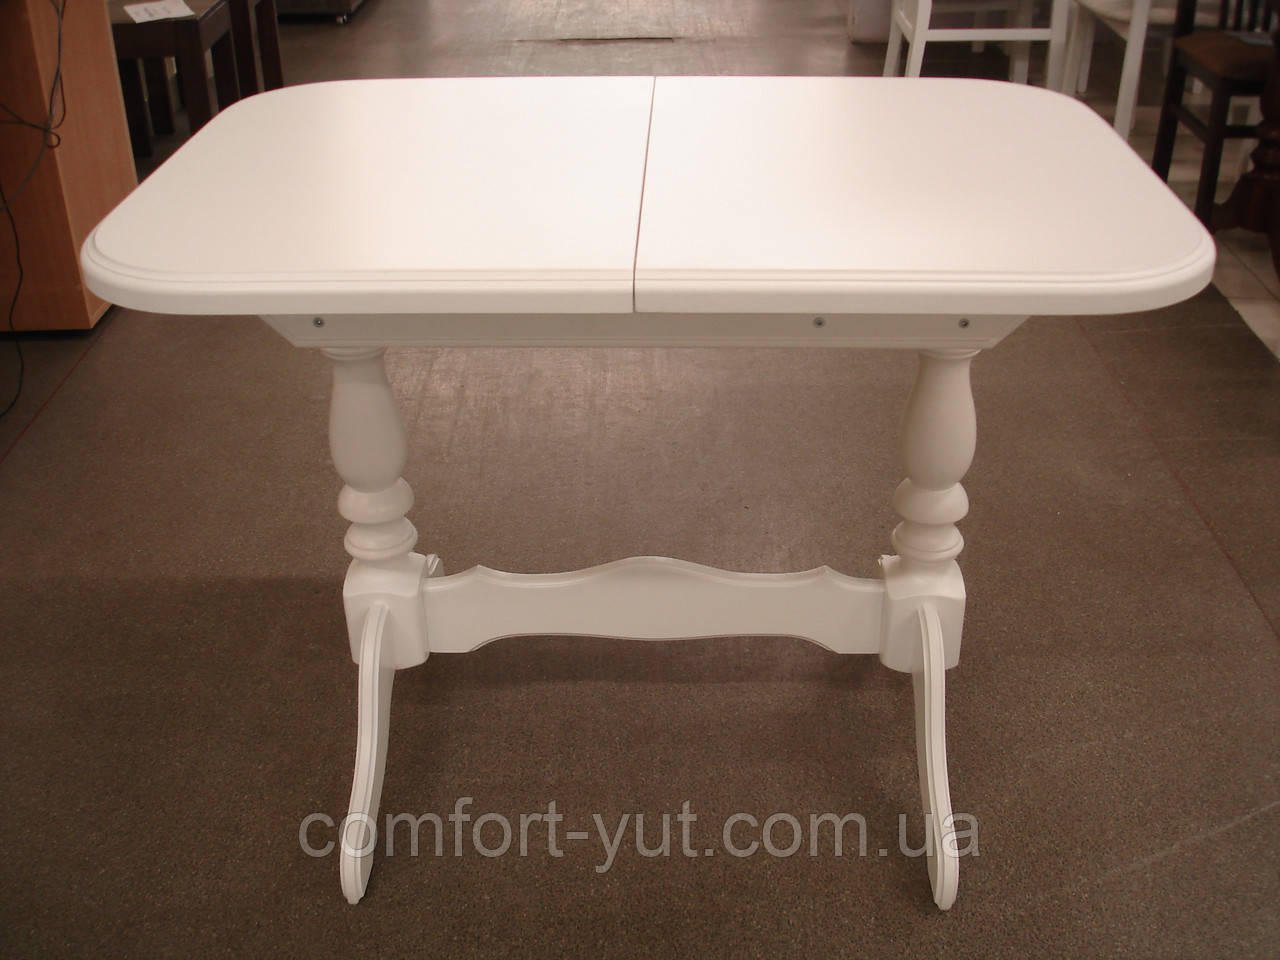 Стол Аврора обеденный раскладной деревянный 101(+35)*69 белый